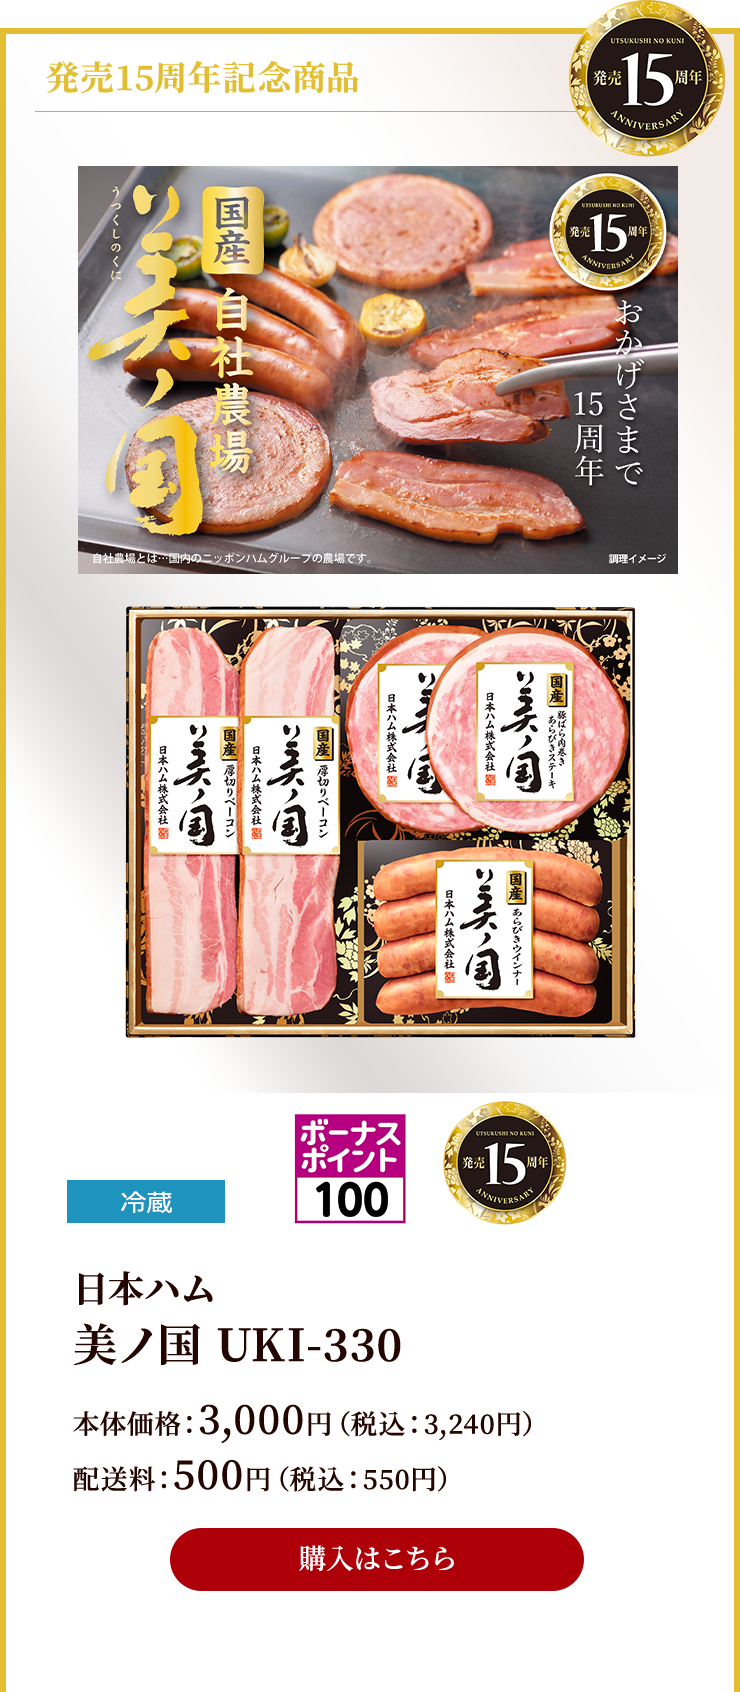 発売15周年記念商品 美ノ国 UKI-330